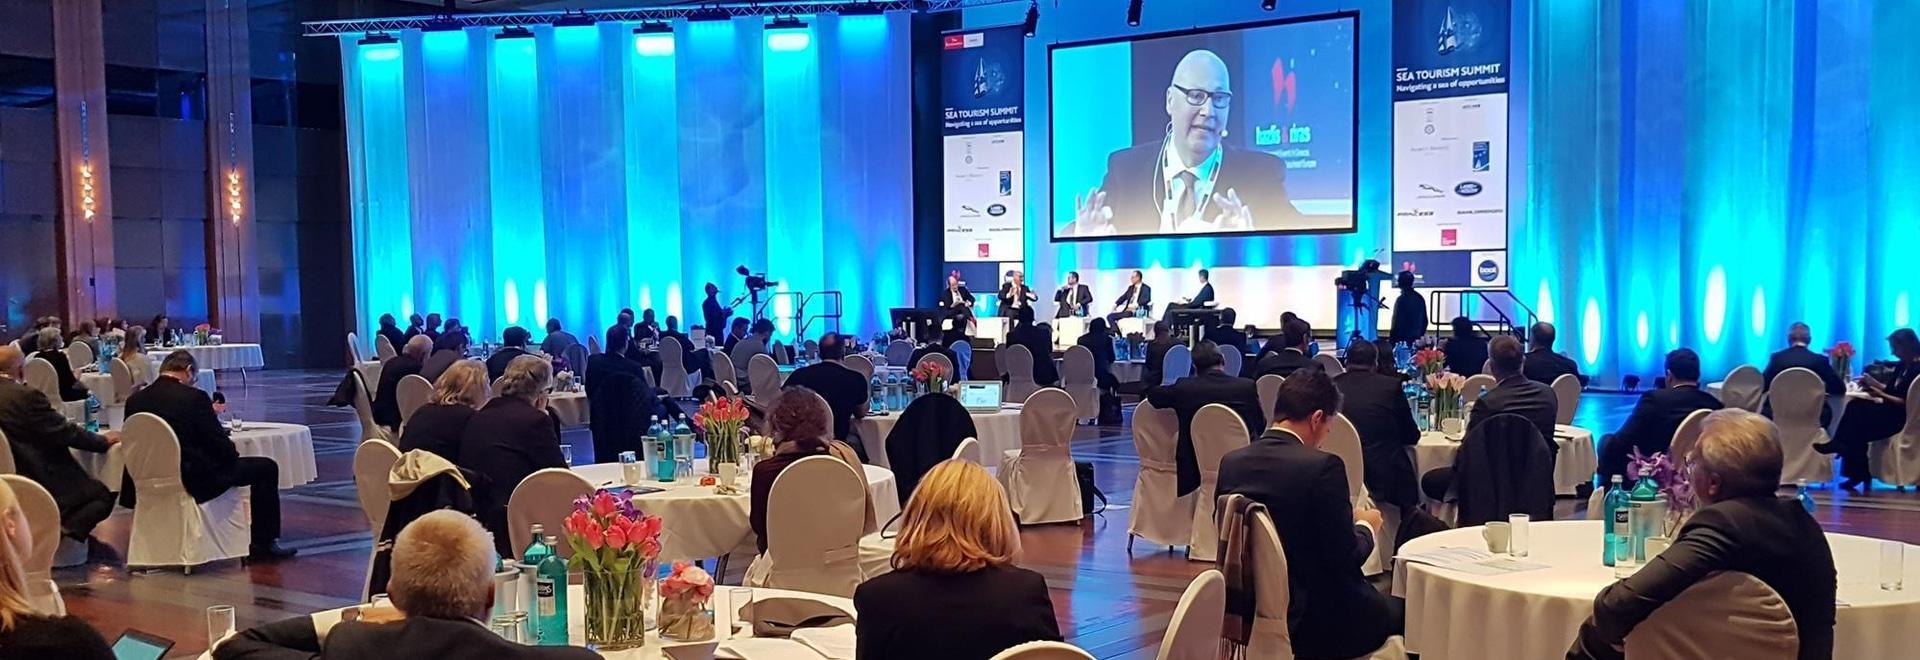 1. Sea Tourism Summit trotz Kinderkrankheiten als Erfolg gewertet